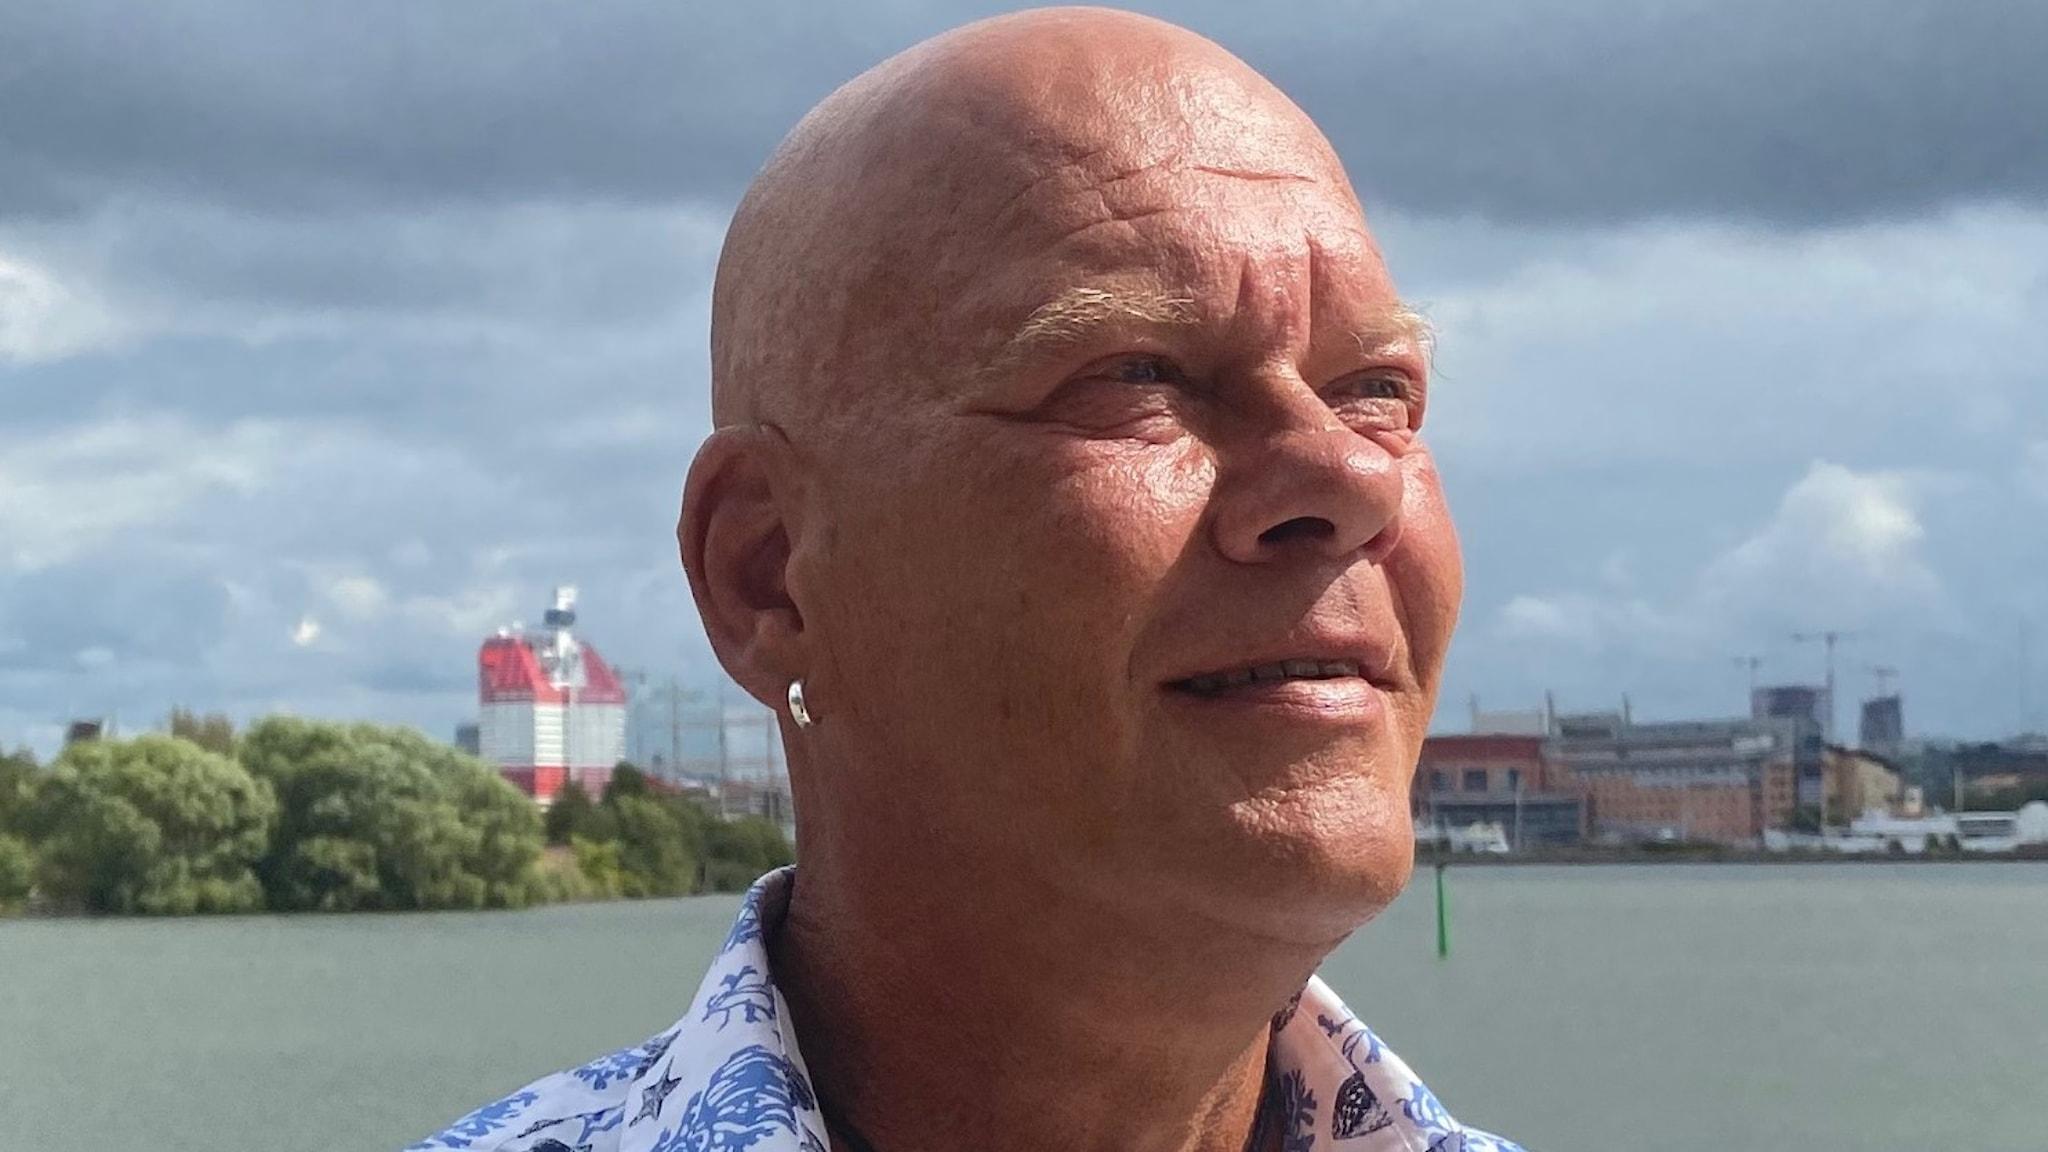 Thomas Jakobsson med Göta älv i bakgrunden. Thomas bär en blåblommig skjorta och i bakgrunden syns en molngrå himmel.